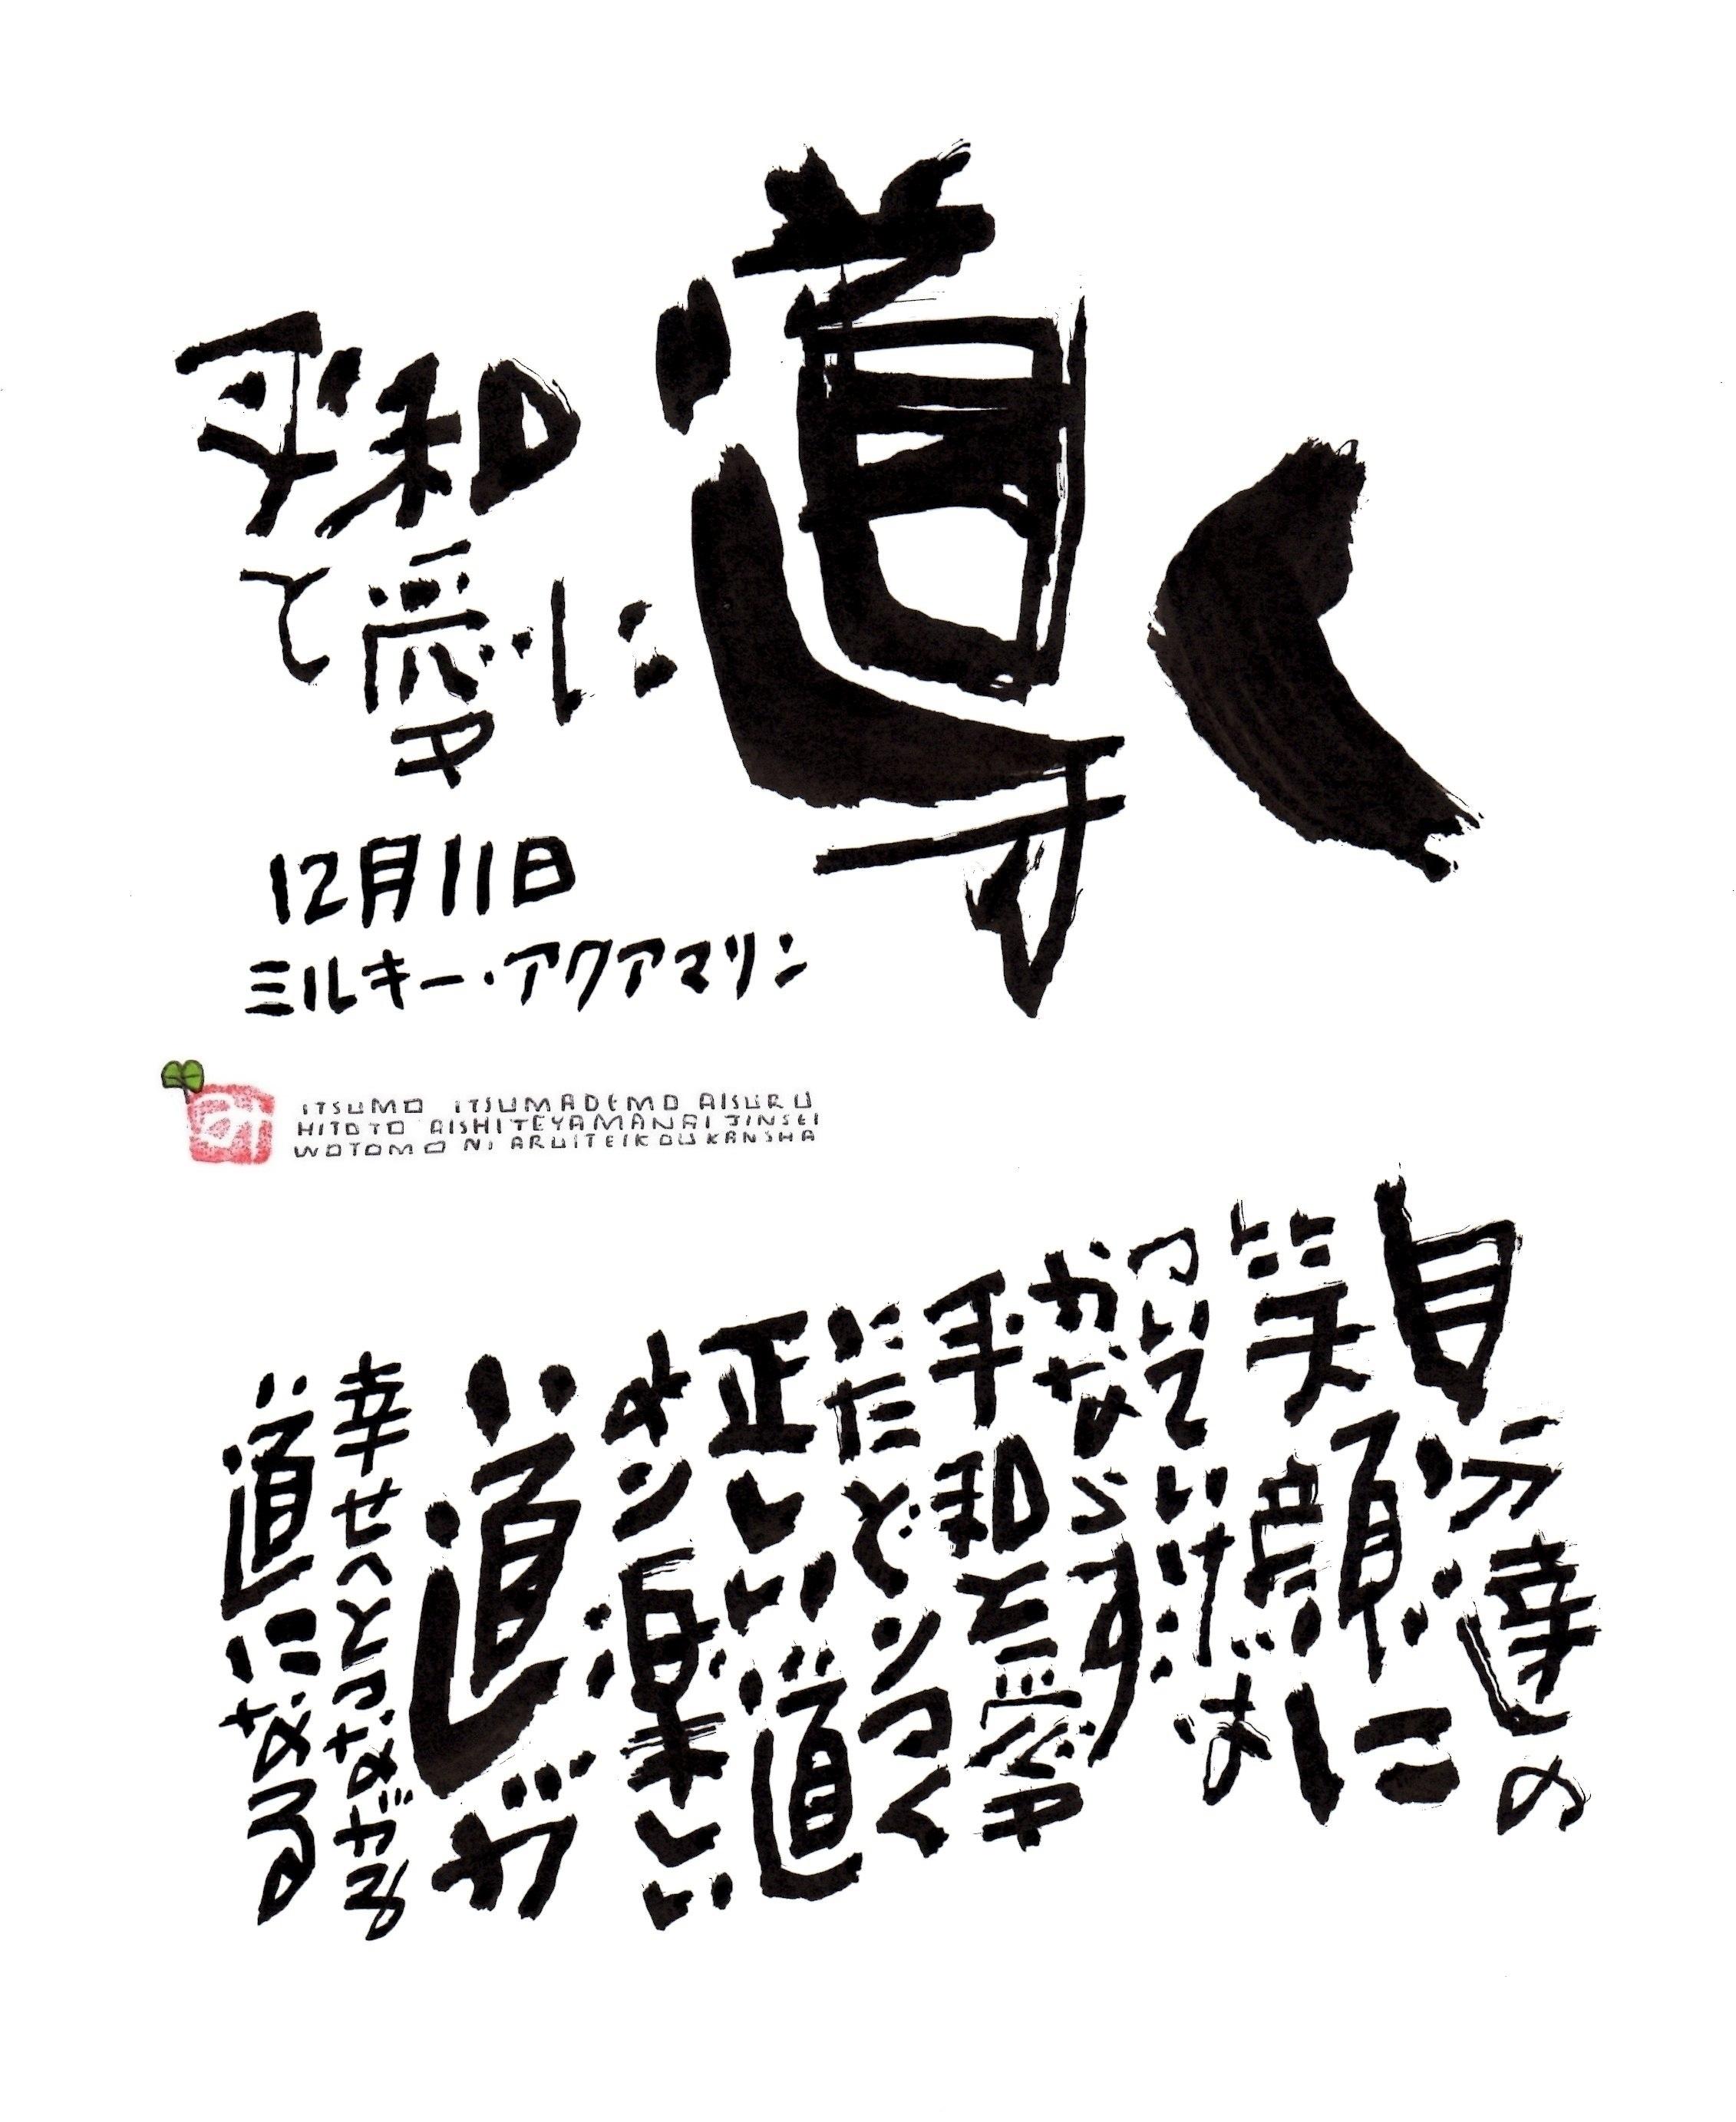 12月11日 結婚記念日ポストカード【平和と愛に導く】